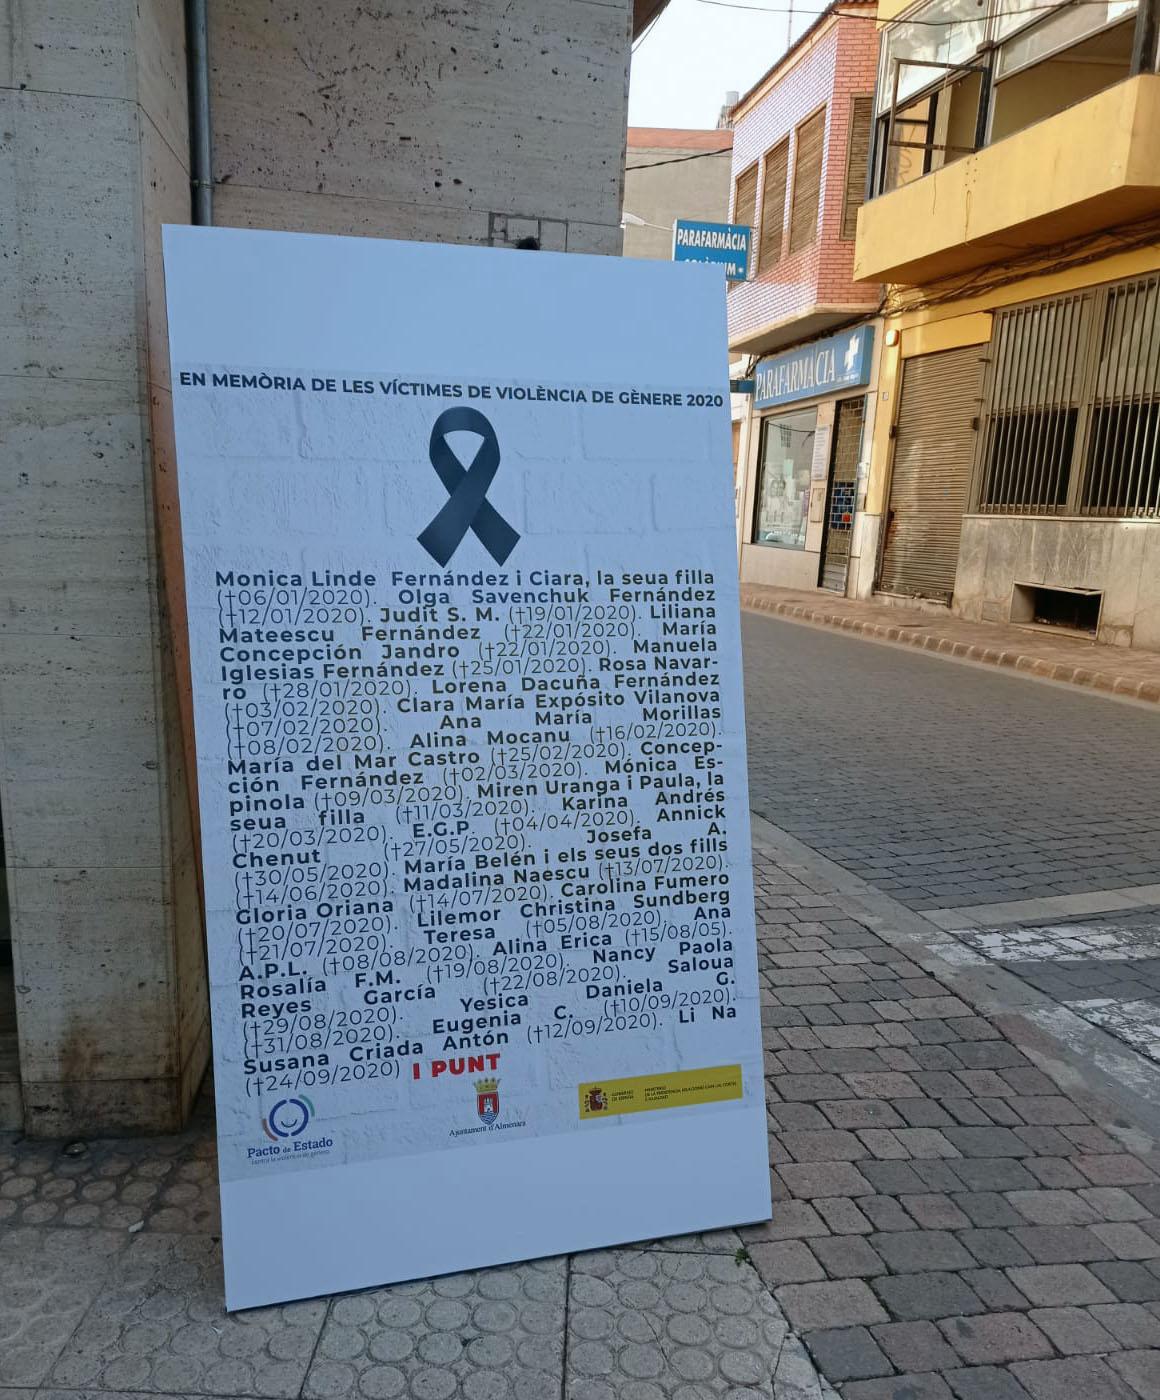 Almenara instala unos paneles con los nombres de las mujeres asesinadas por violencia de género